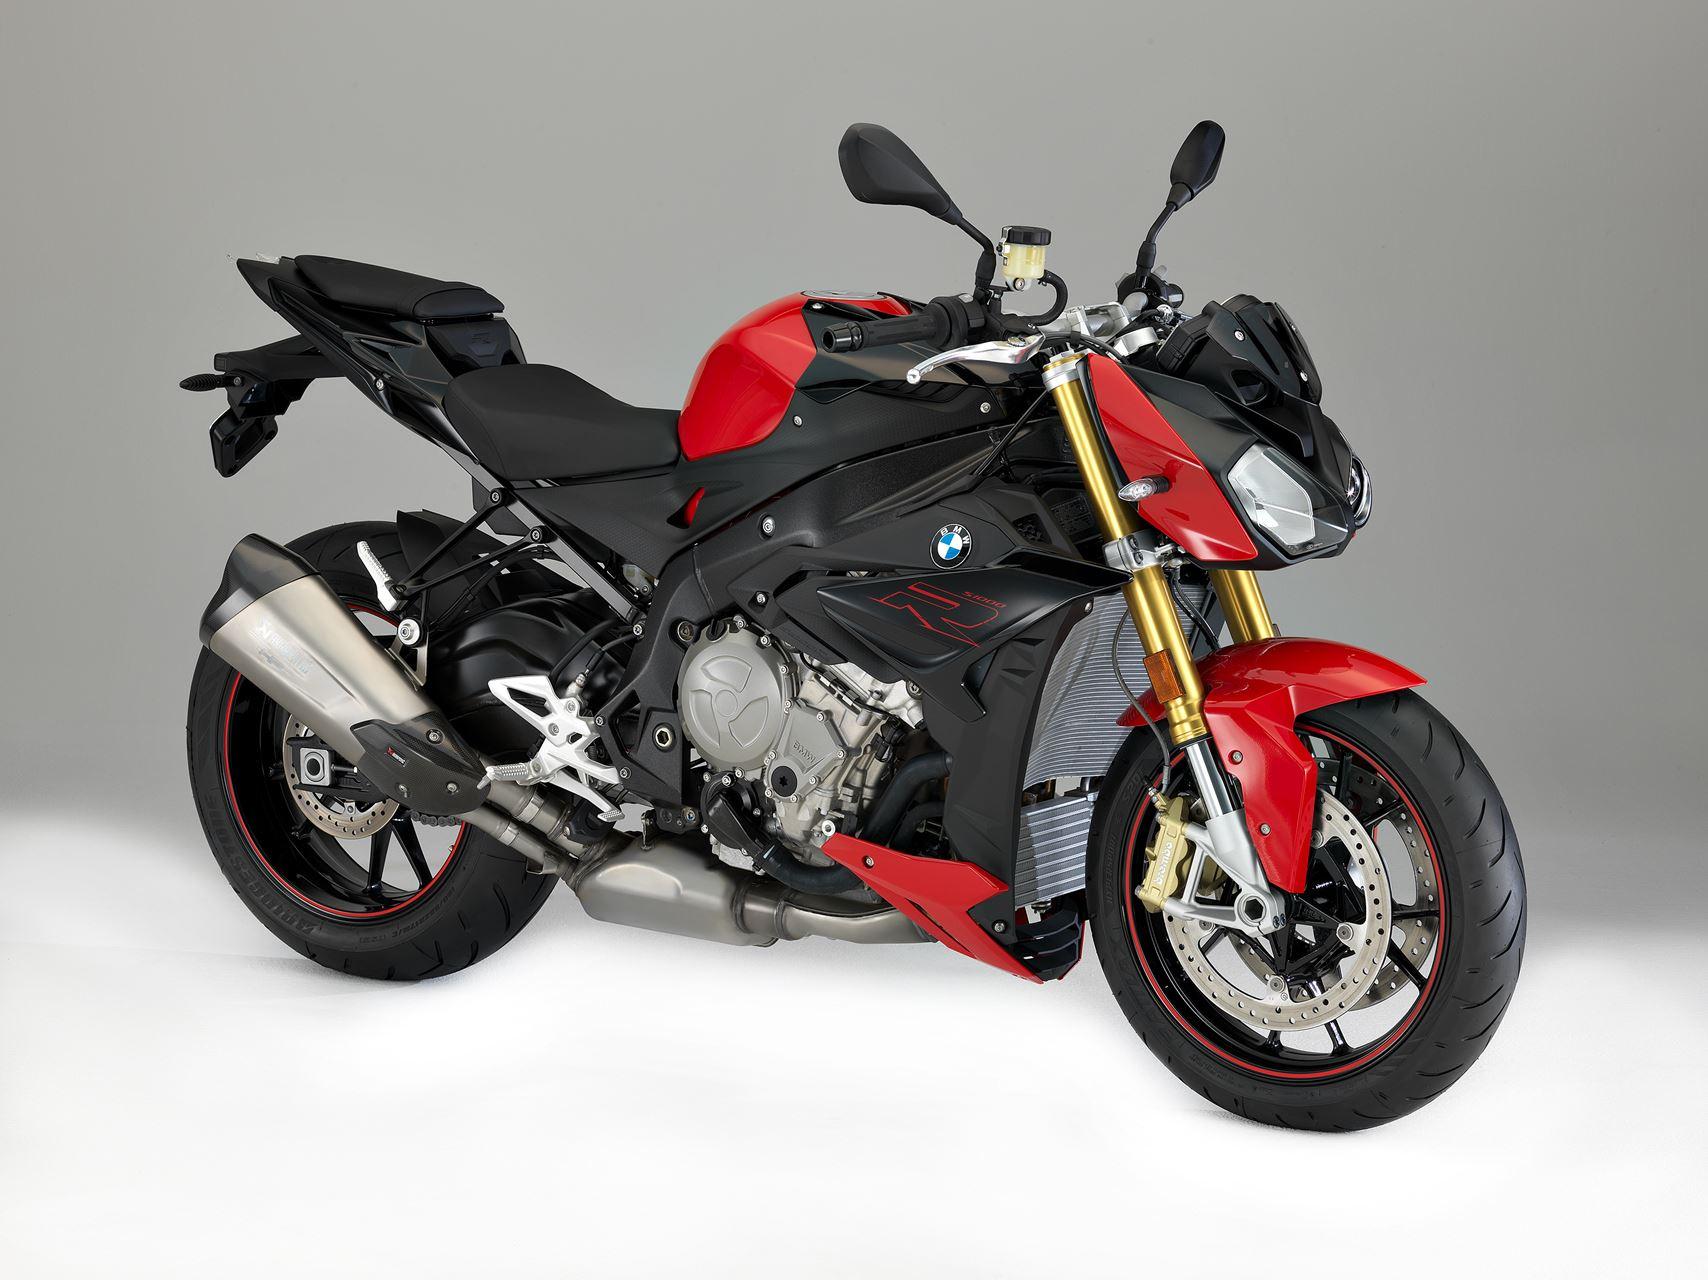 bmw s 1000 r moto roadster andar de moto. Black Bedroom Furniture Sets. Home Design Ideas